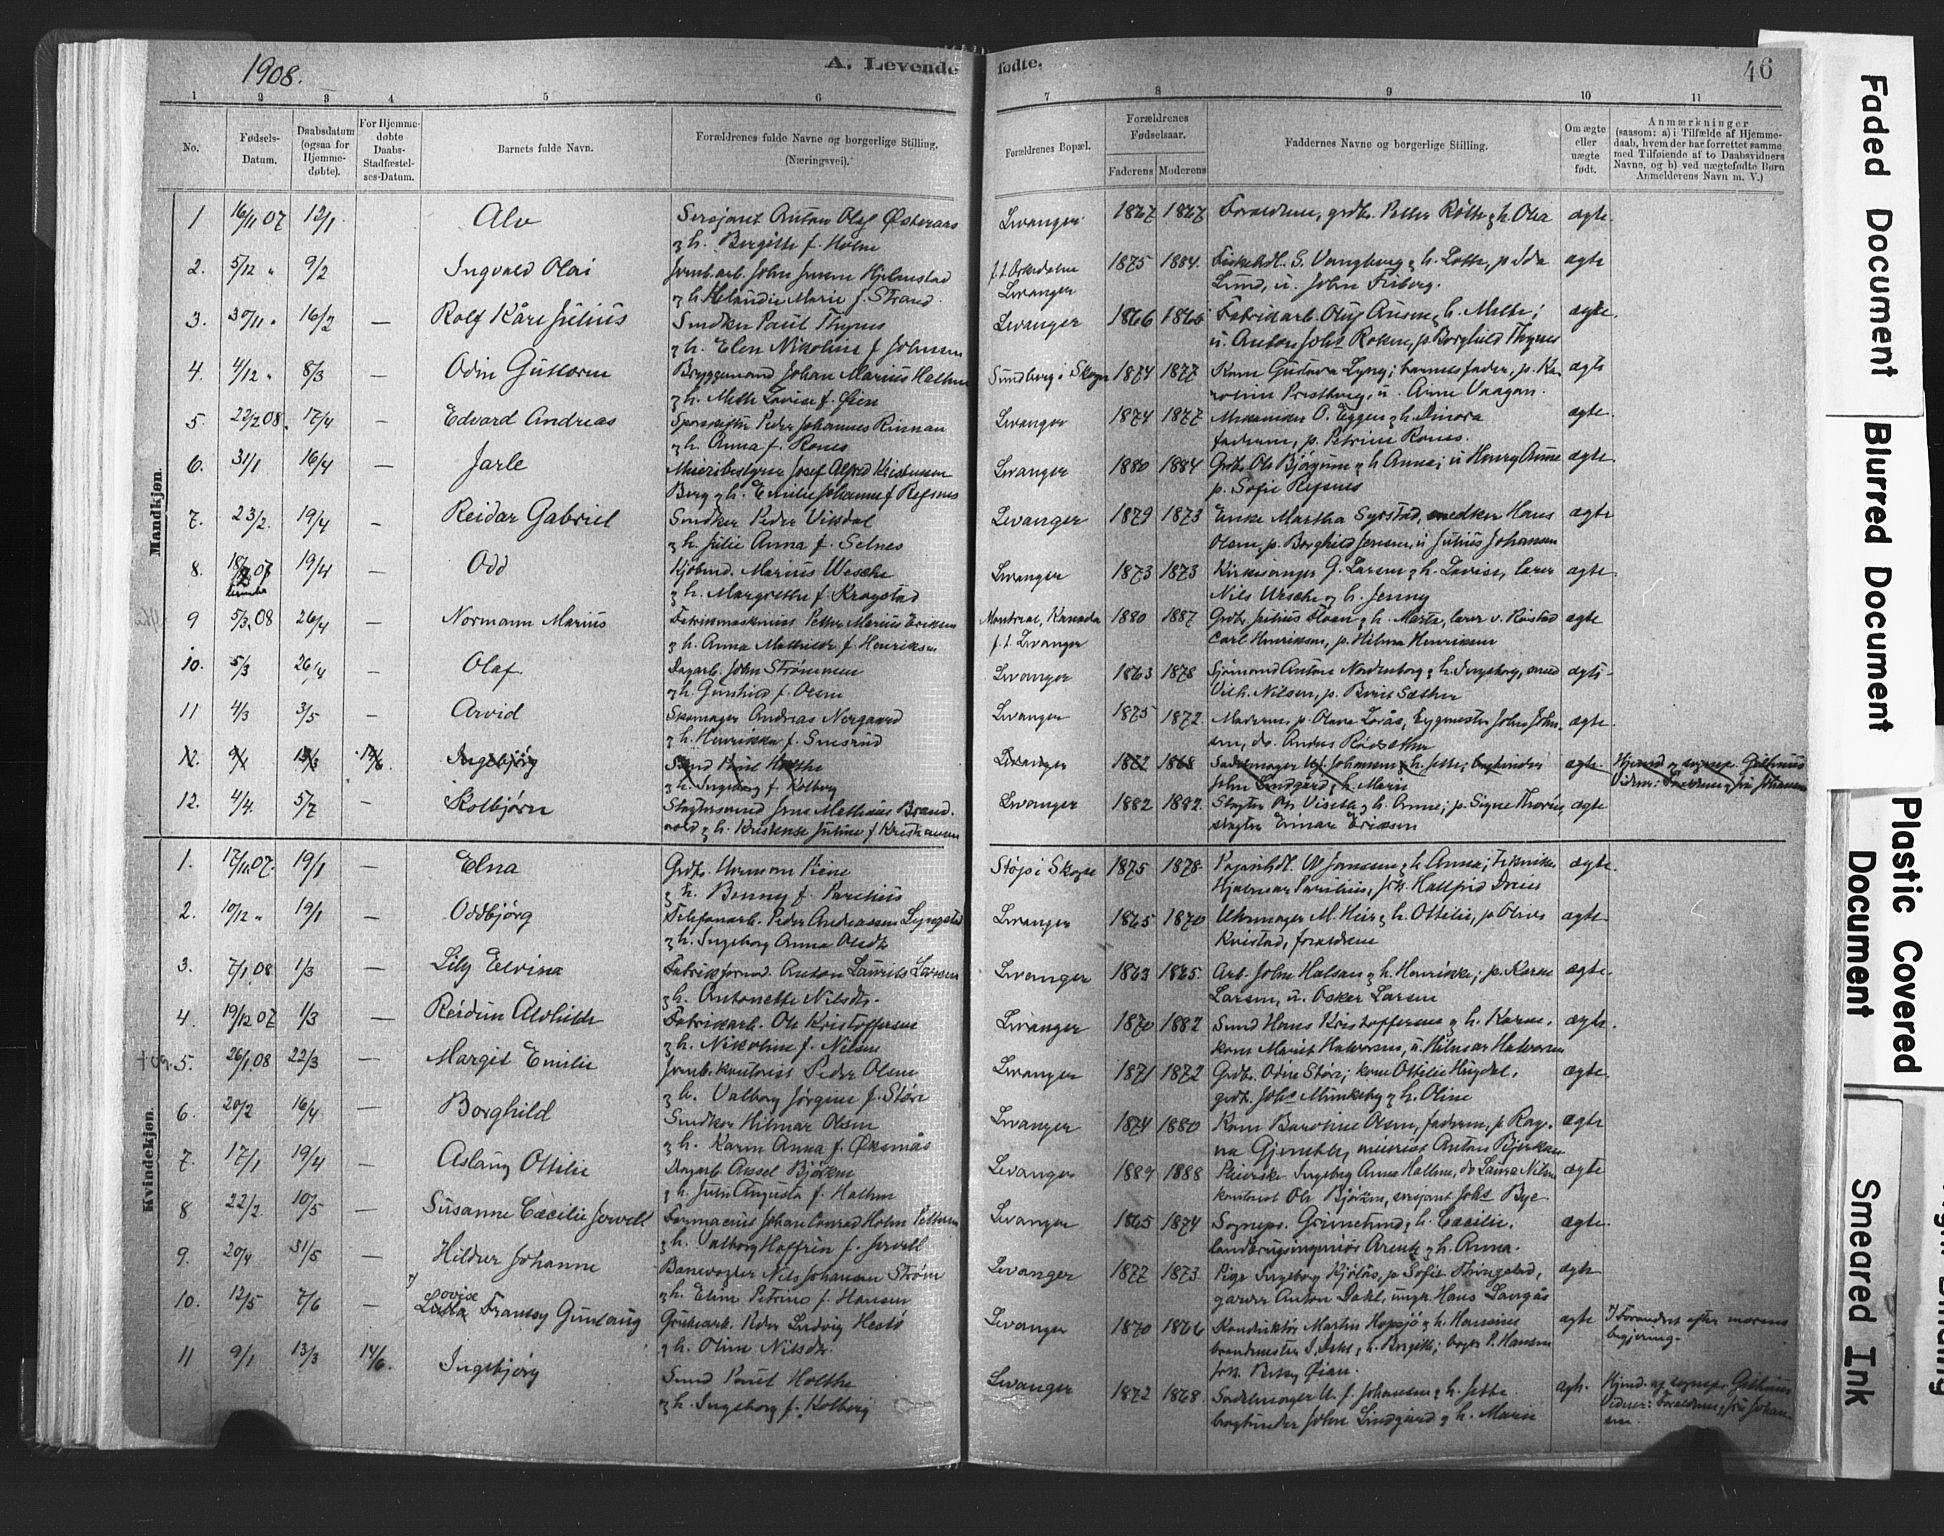 SAT, Ministerialprotokoller, klokkerbøker og fødselsregistre - Nord-Trøndelag, 720/L0189: Ministerialbok nr. 720A05, 1880-1911, s. 46